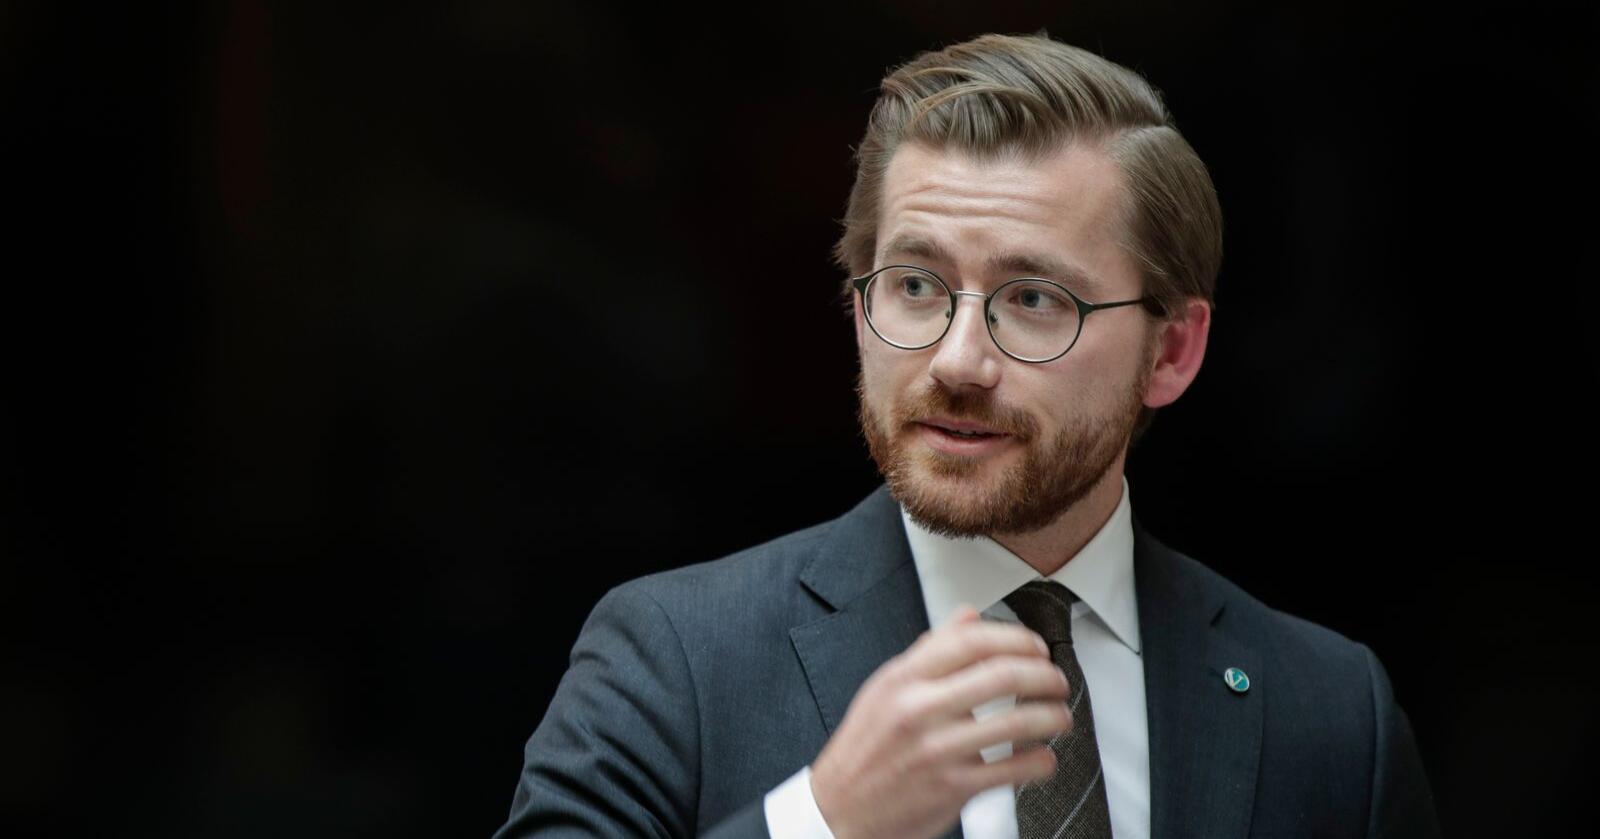 Klima- og miljøminister Sveinung Rotevatn (V) kaller Senterpartiet Norges mest humørløse parti. Foto: Vidar Ruud / NTB scanpix